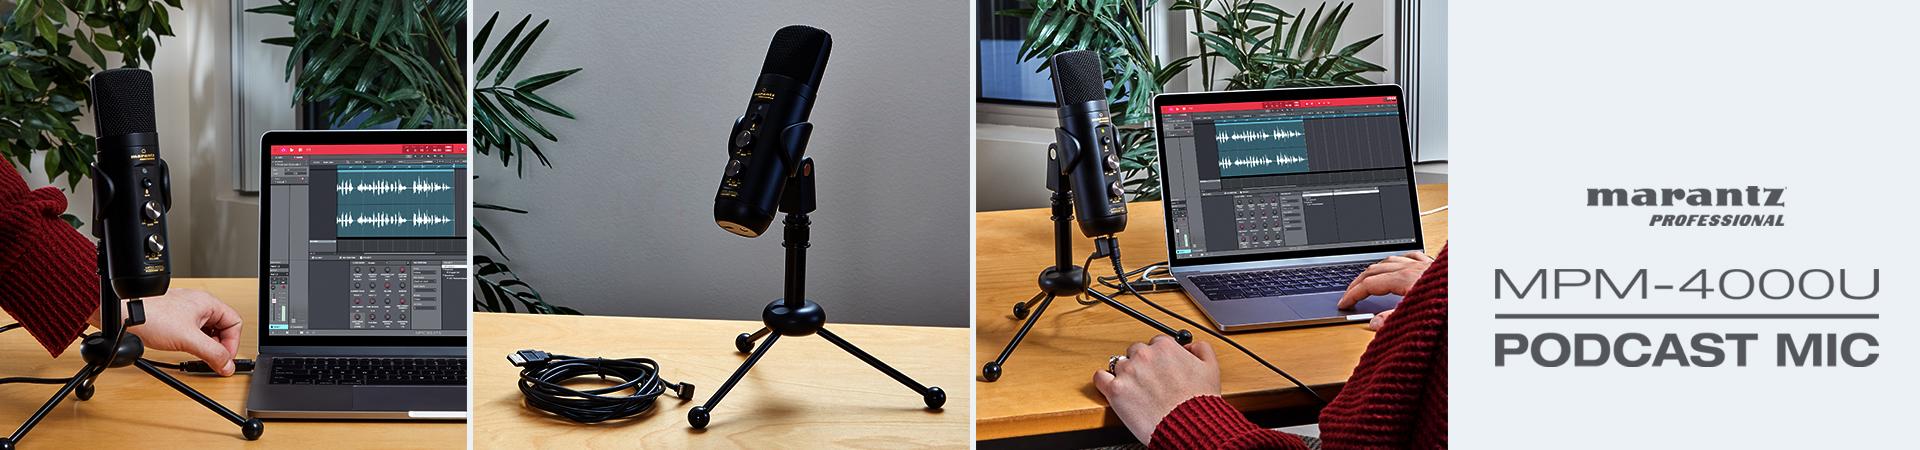 Nowy mikrofon do podcastów MPM-4000U Podcast Mic